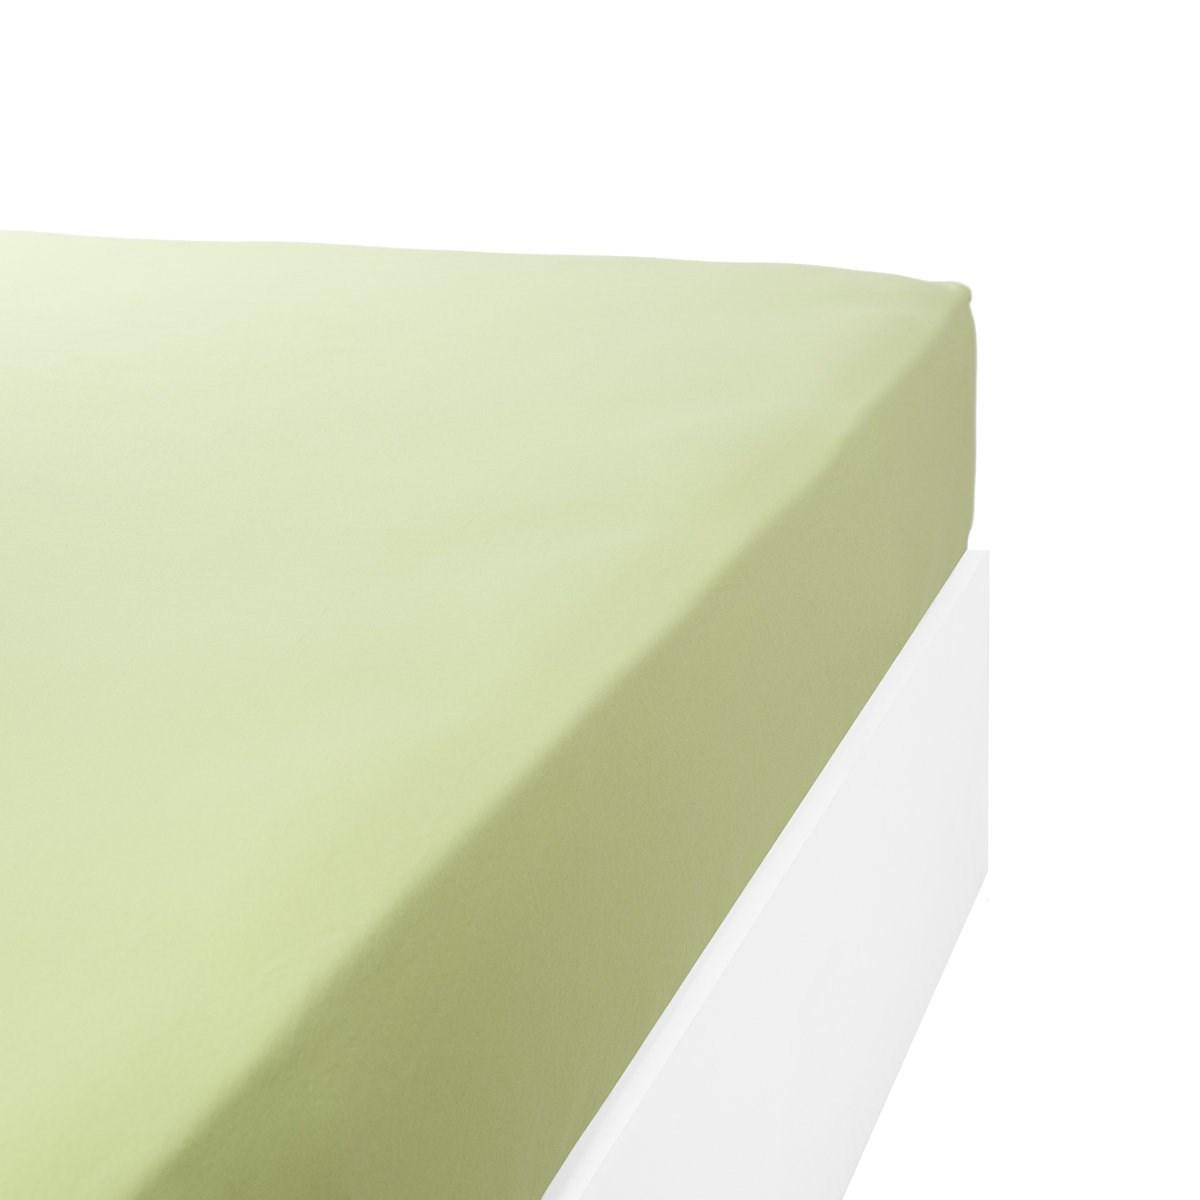 Drap housse jersey extensible en coton vert anis 80x190 cm